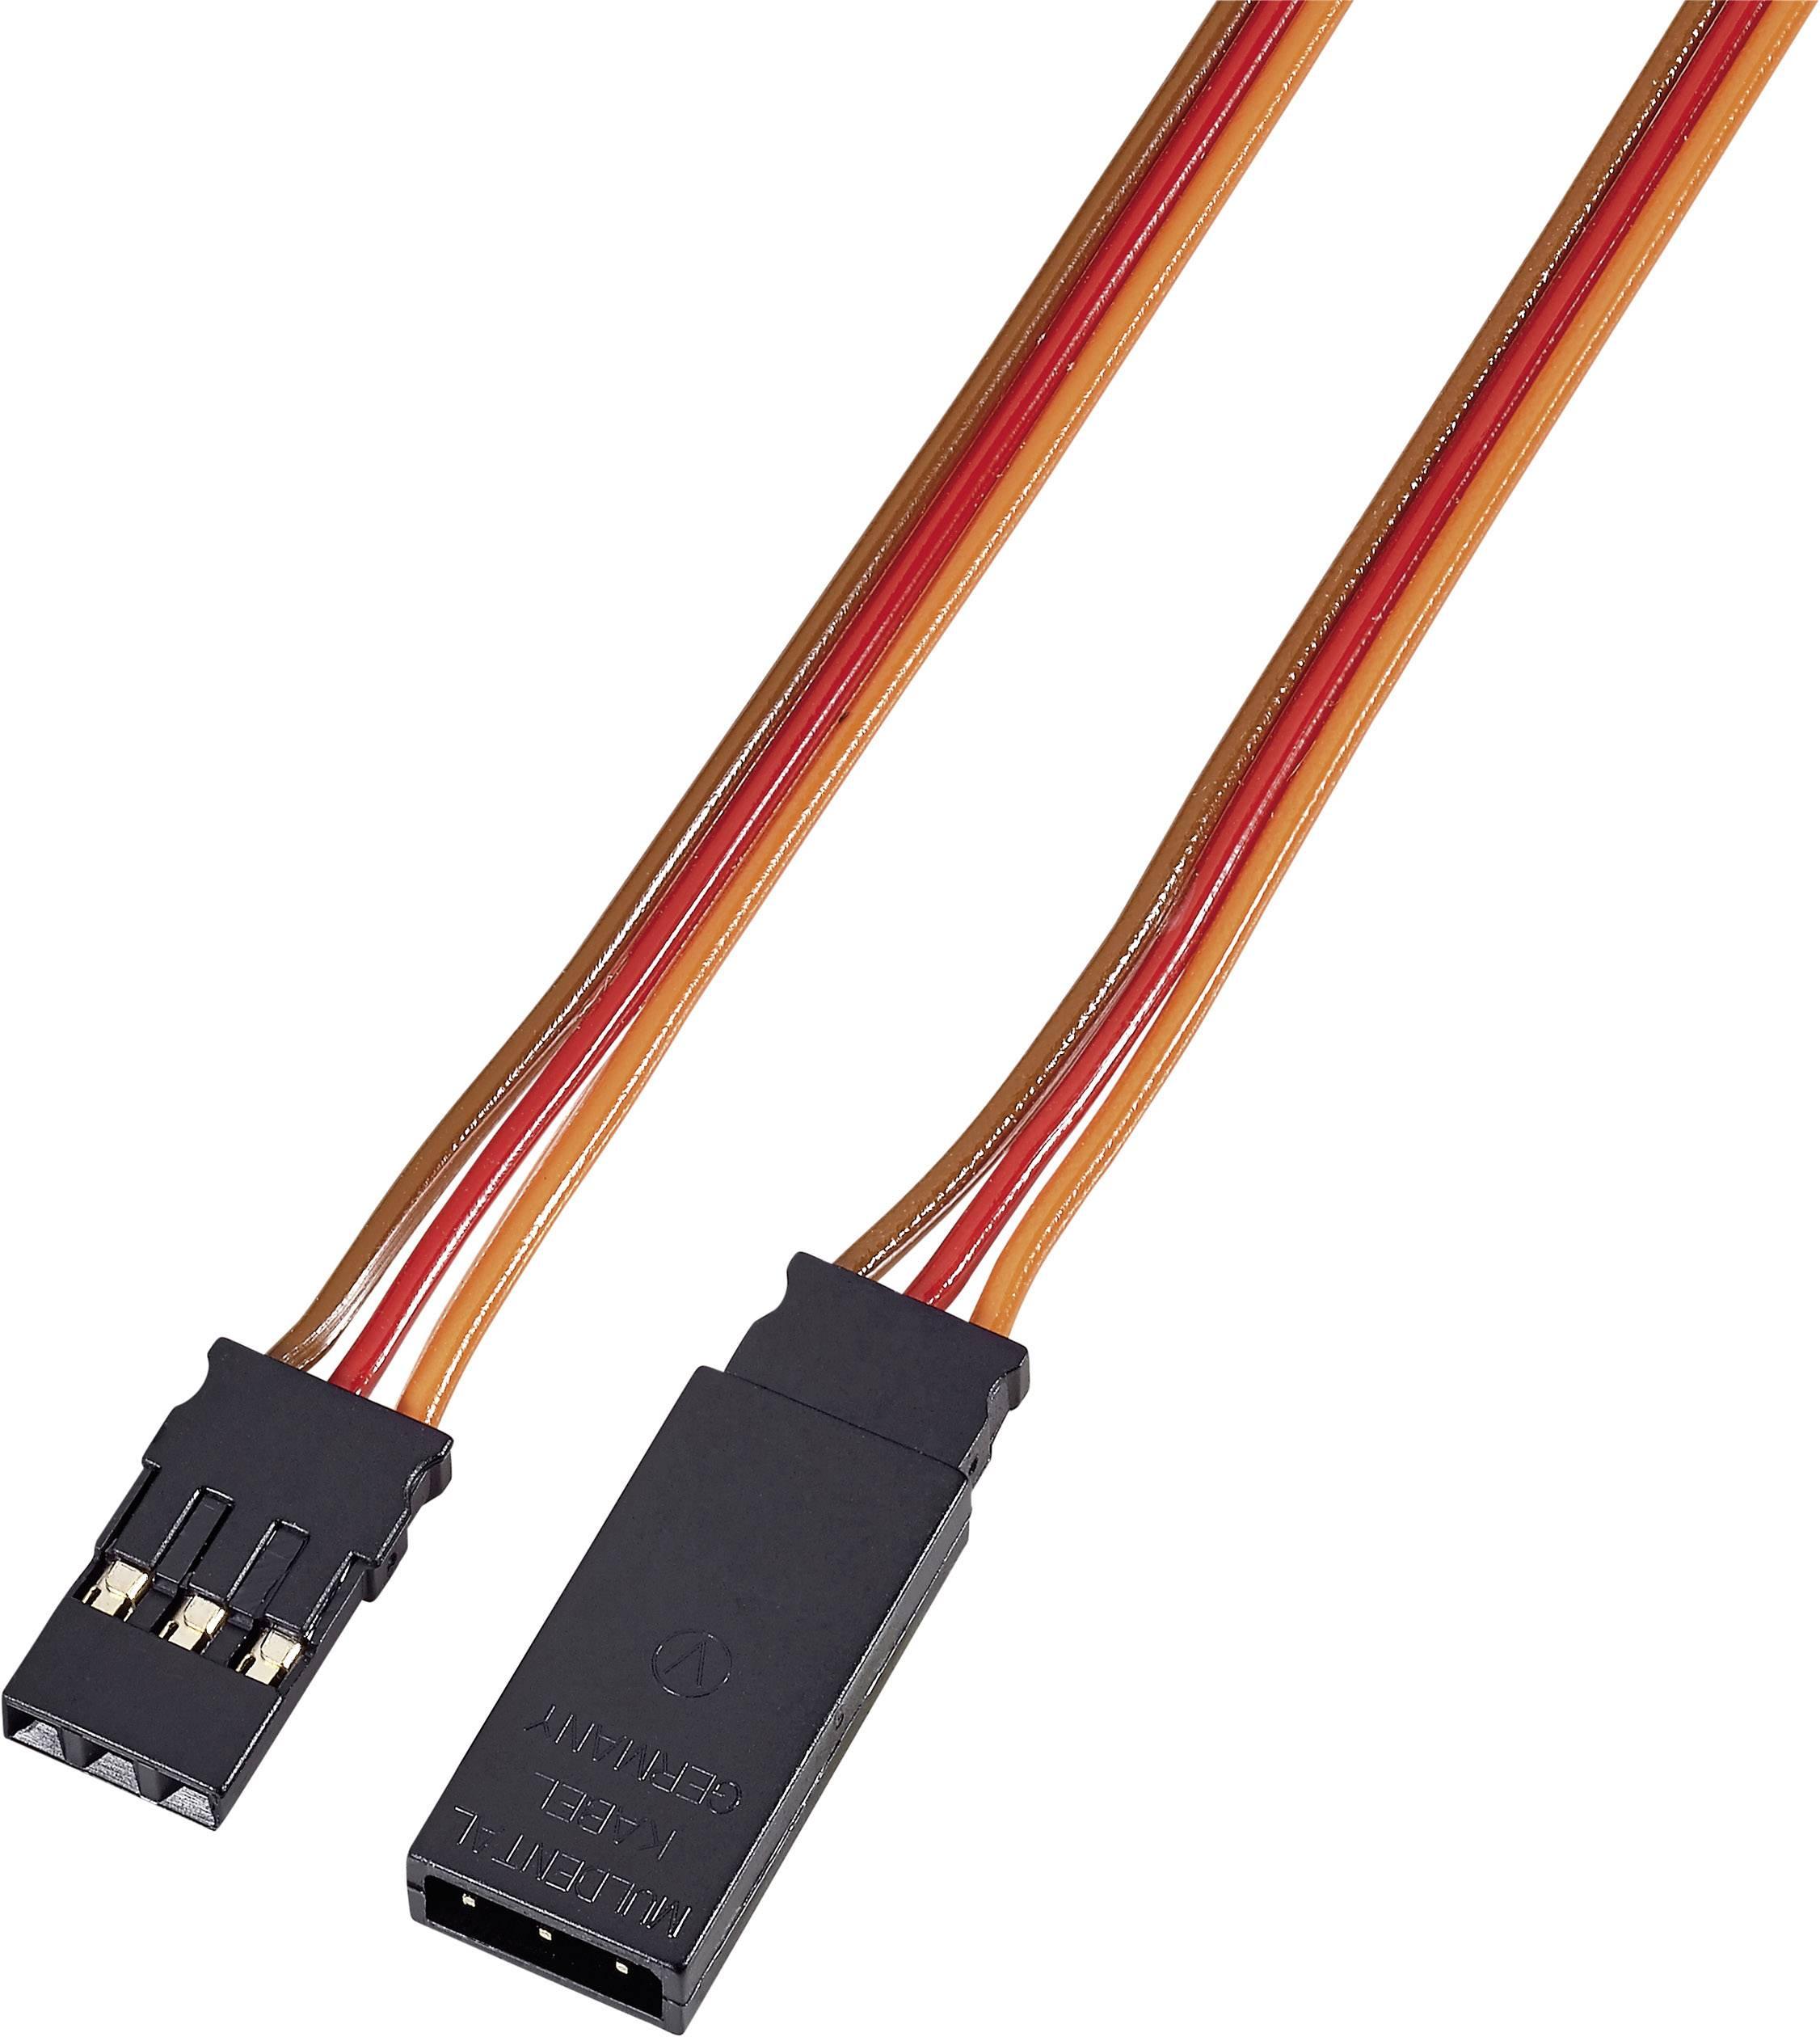 Prodlužovací kabel Modelcraft, konektor JR, 25 cm